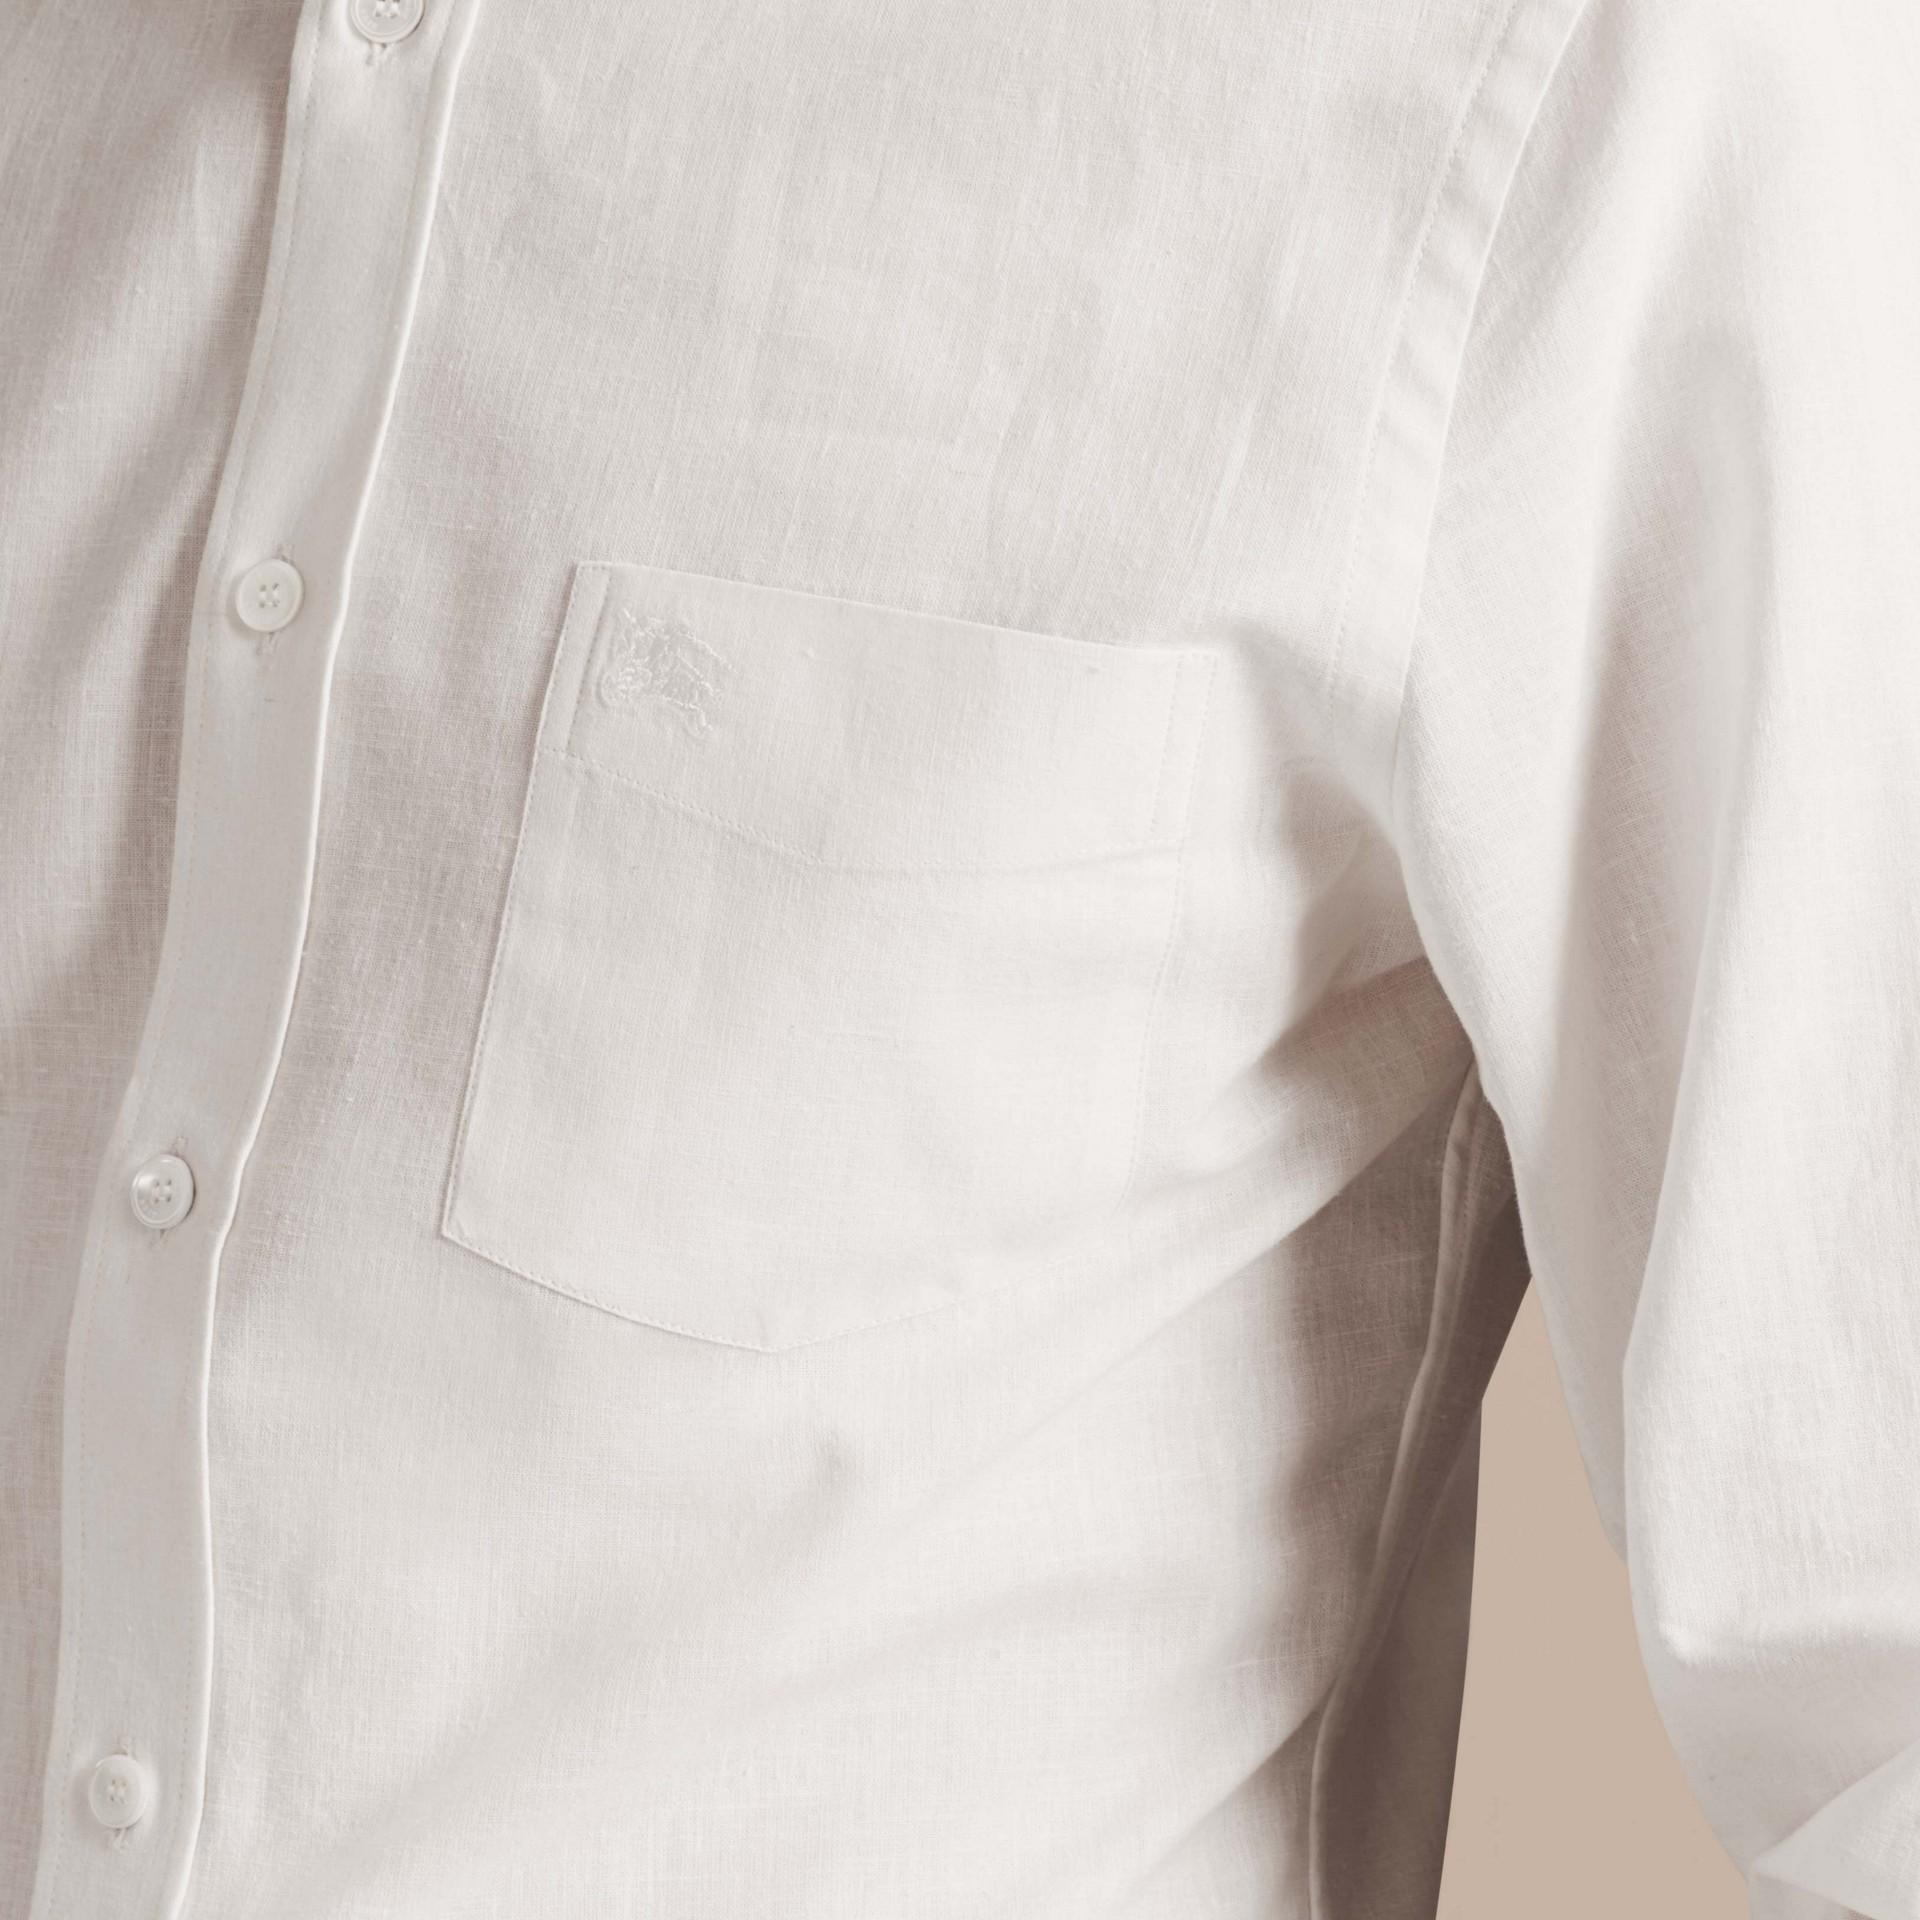 Weiss Hemd aus Baumwolle und Leinen mit Button-down-Kragen Weiss - Galerie-Bild 4